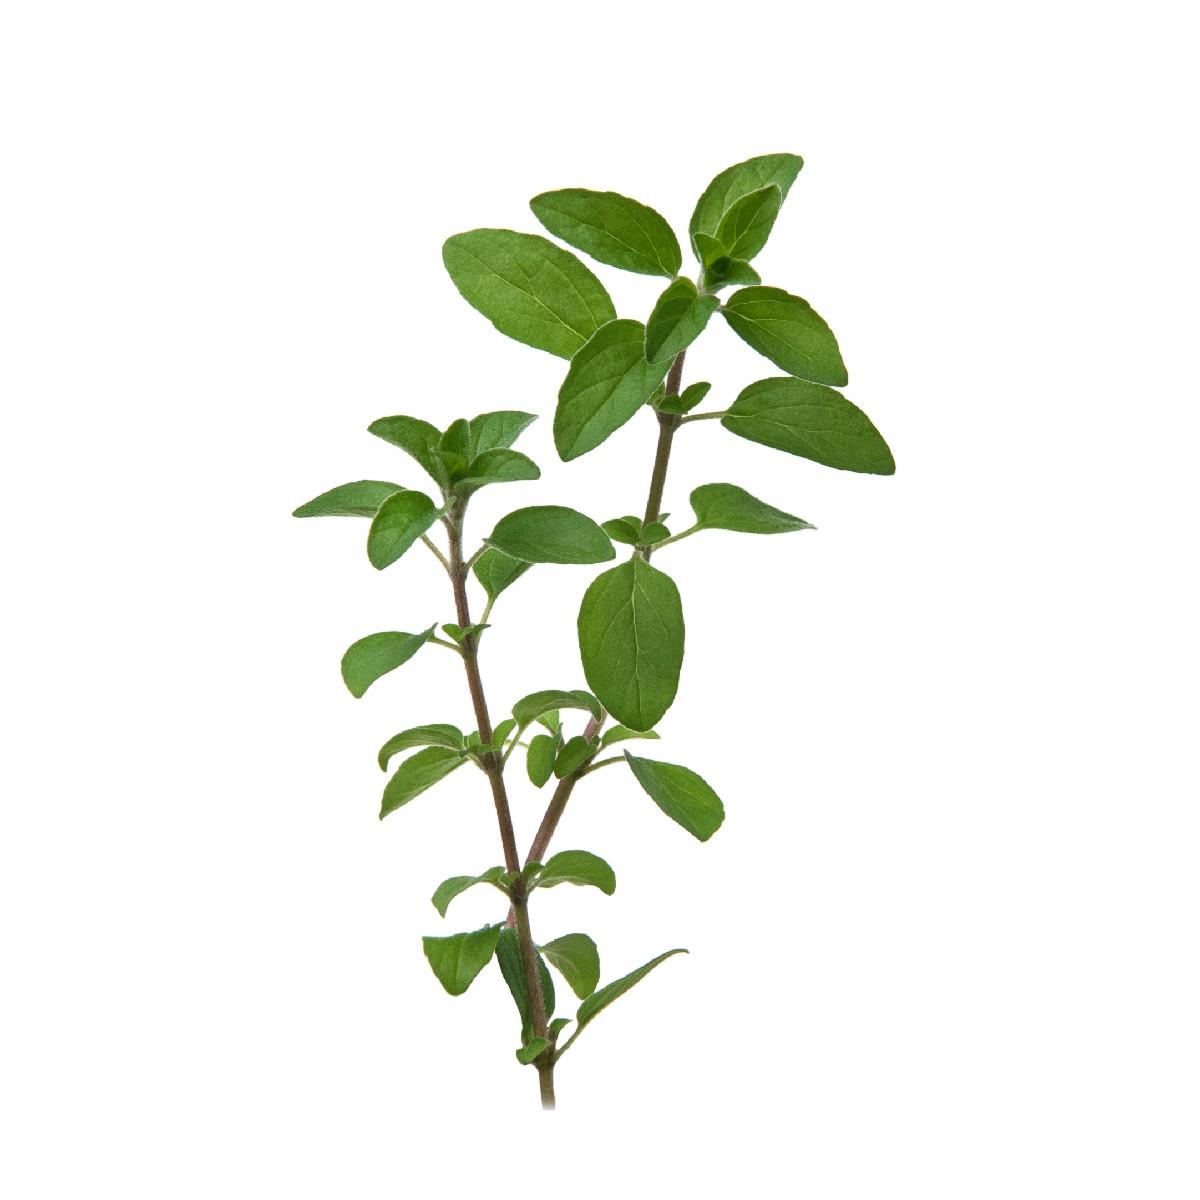 Sementes para plantar Orégano em vasos autoirrigáveis RAIZ  - Vasos Raiz Loja Oficial